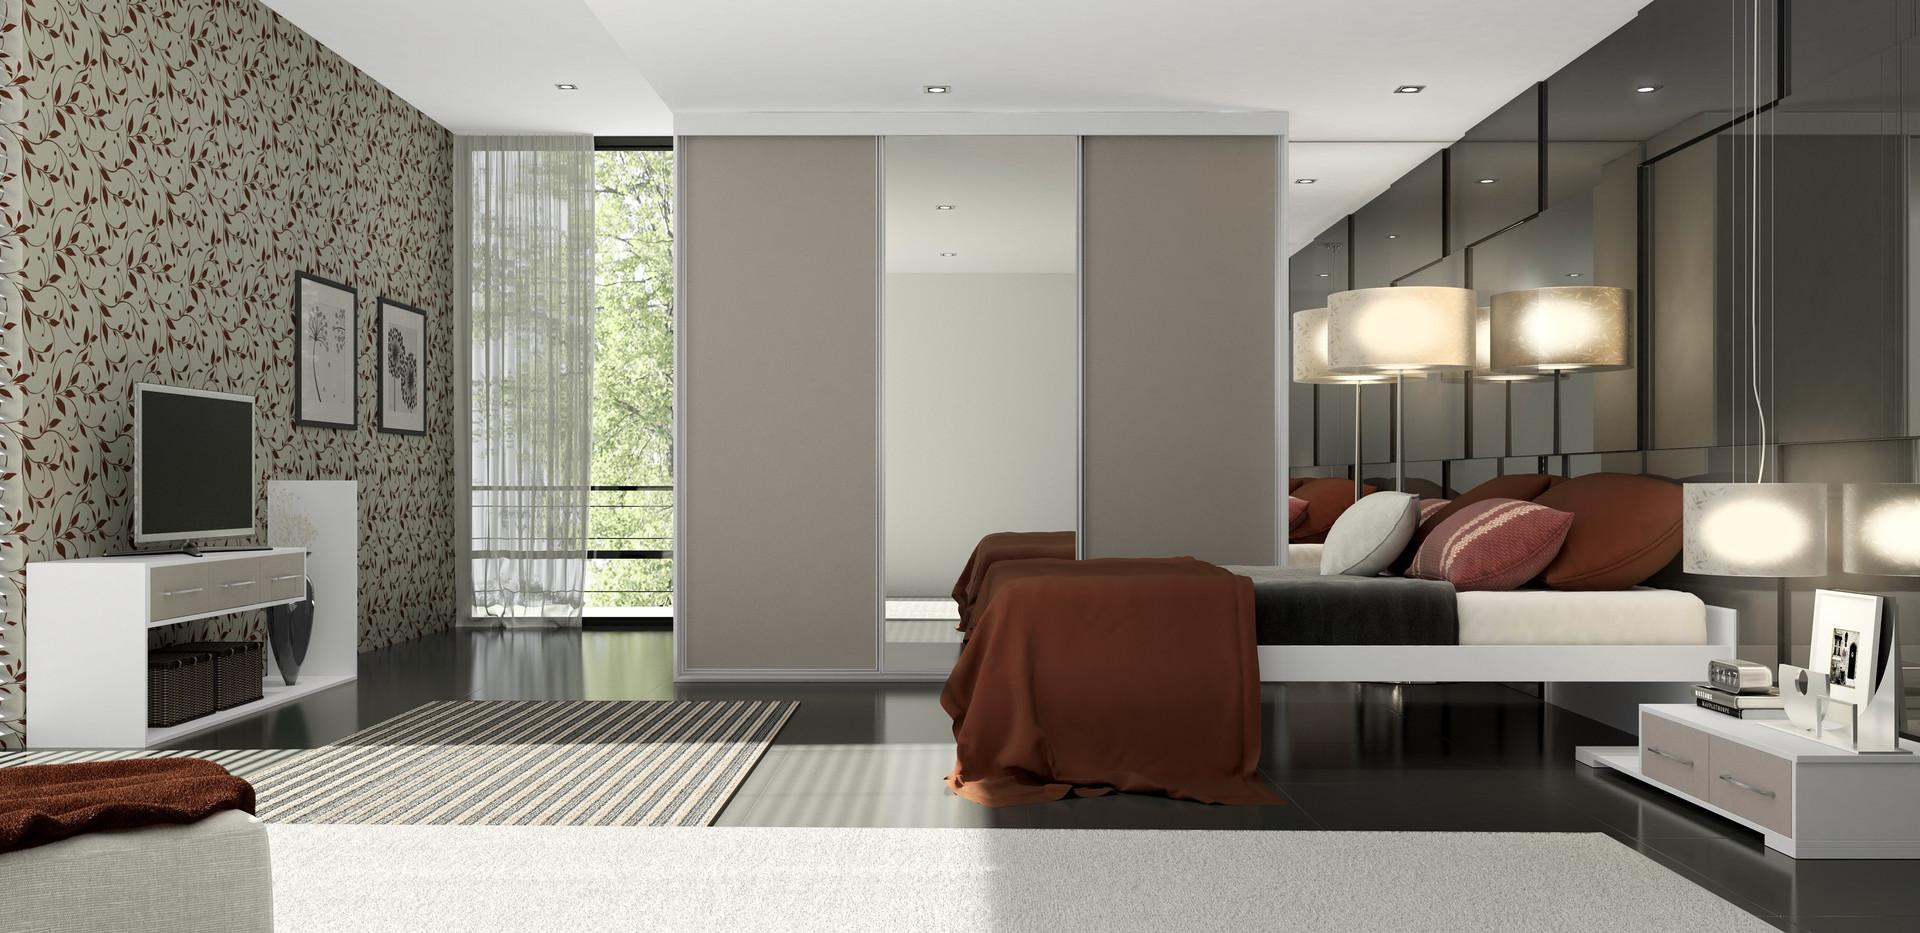 DOR07_dormitorio_quarto_guarda_roupa_móv